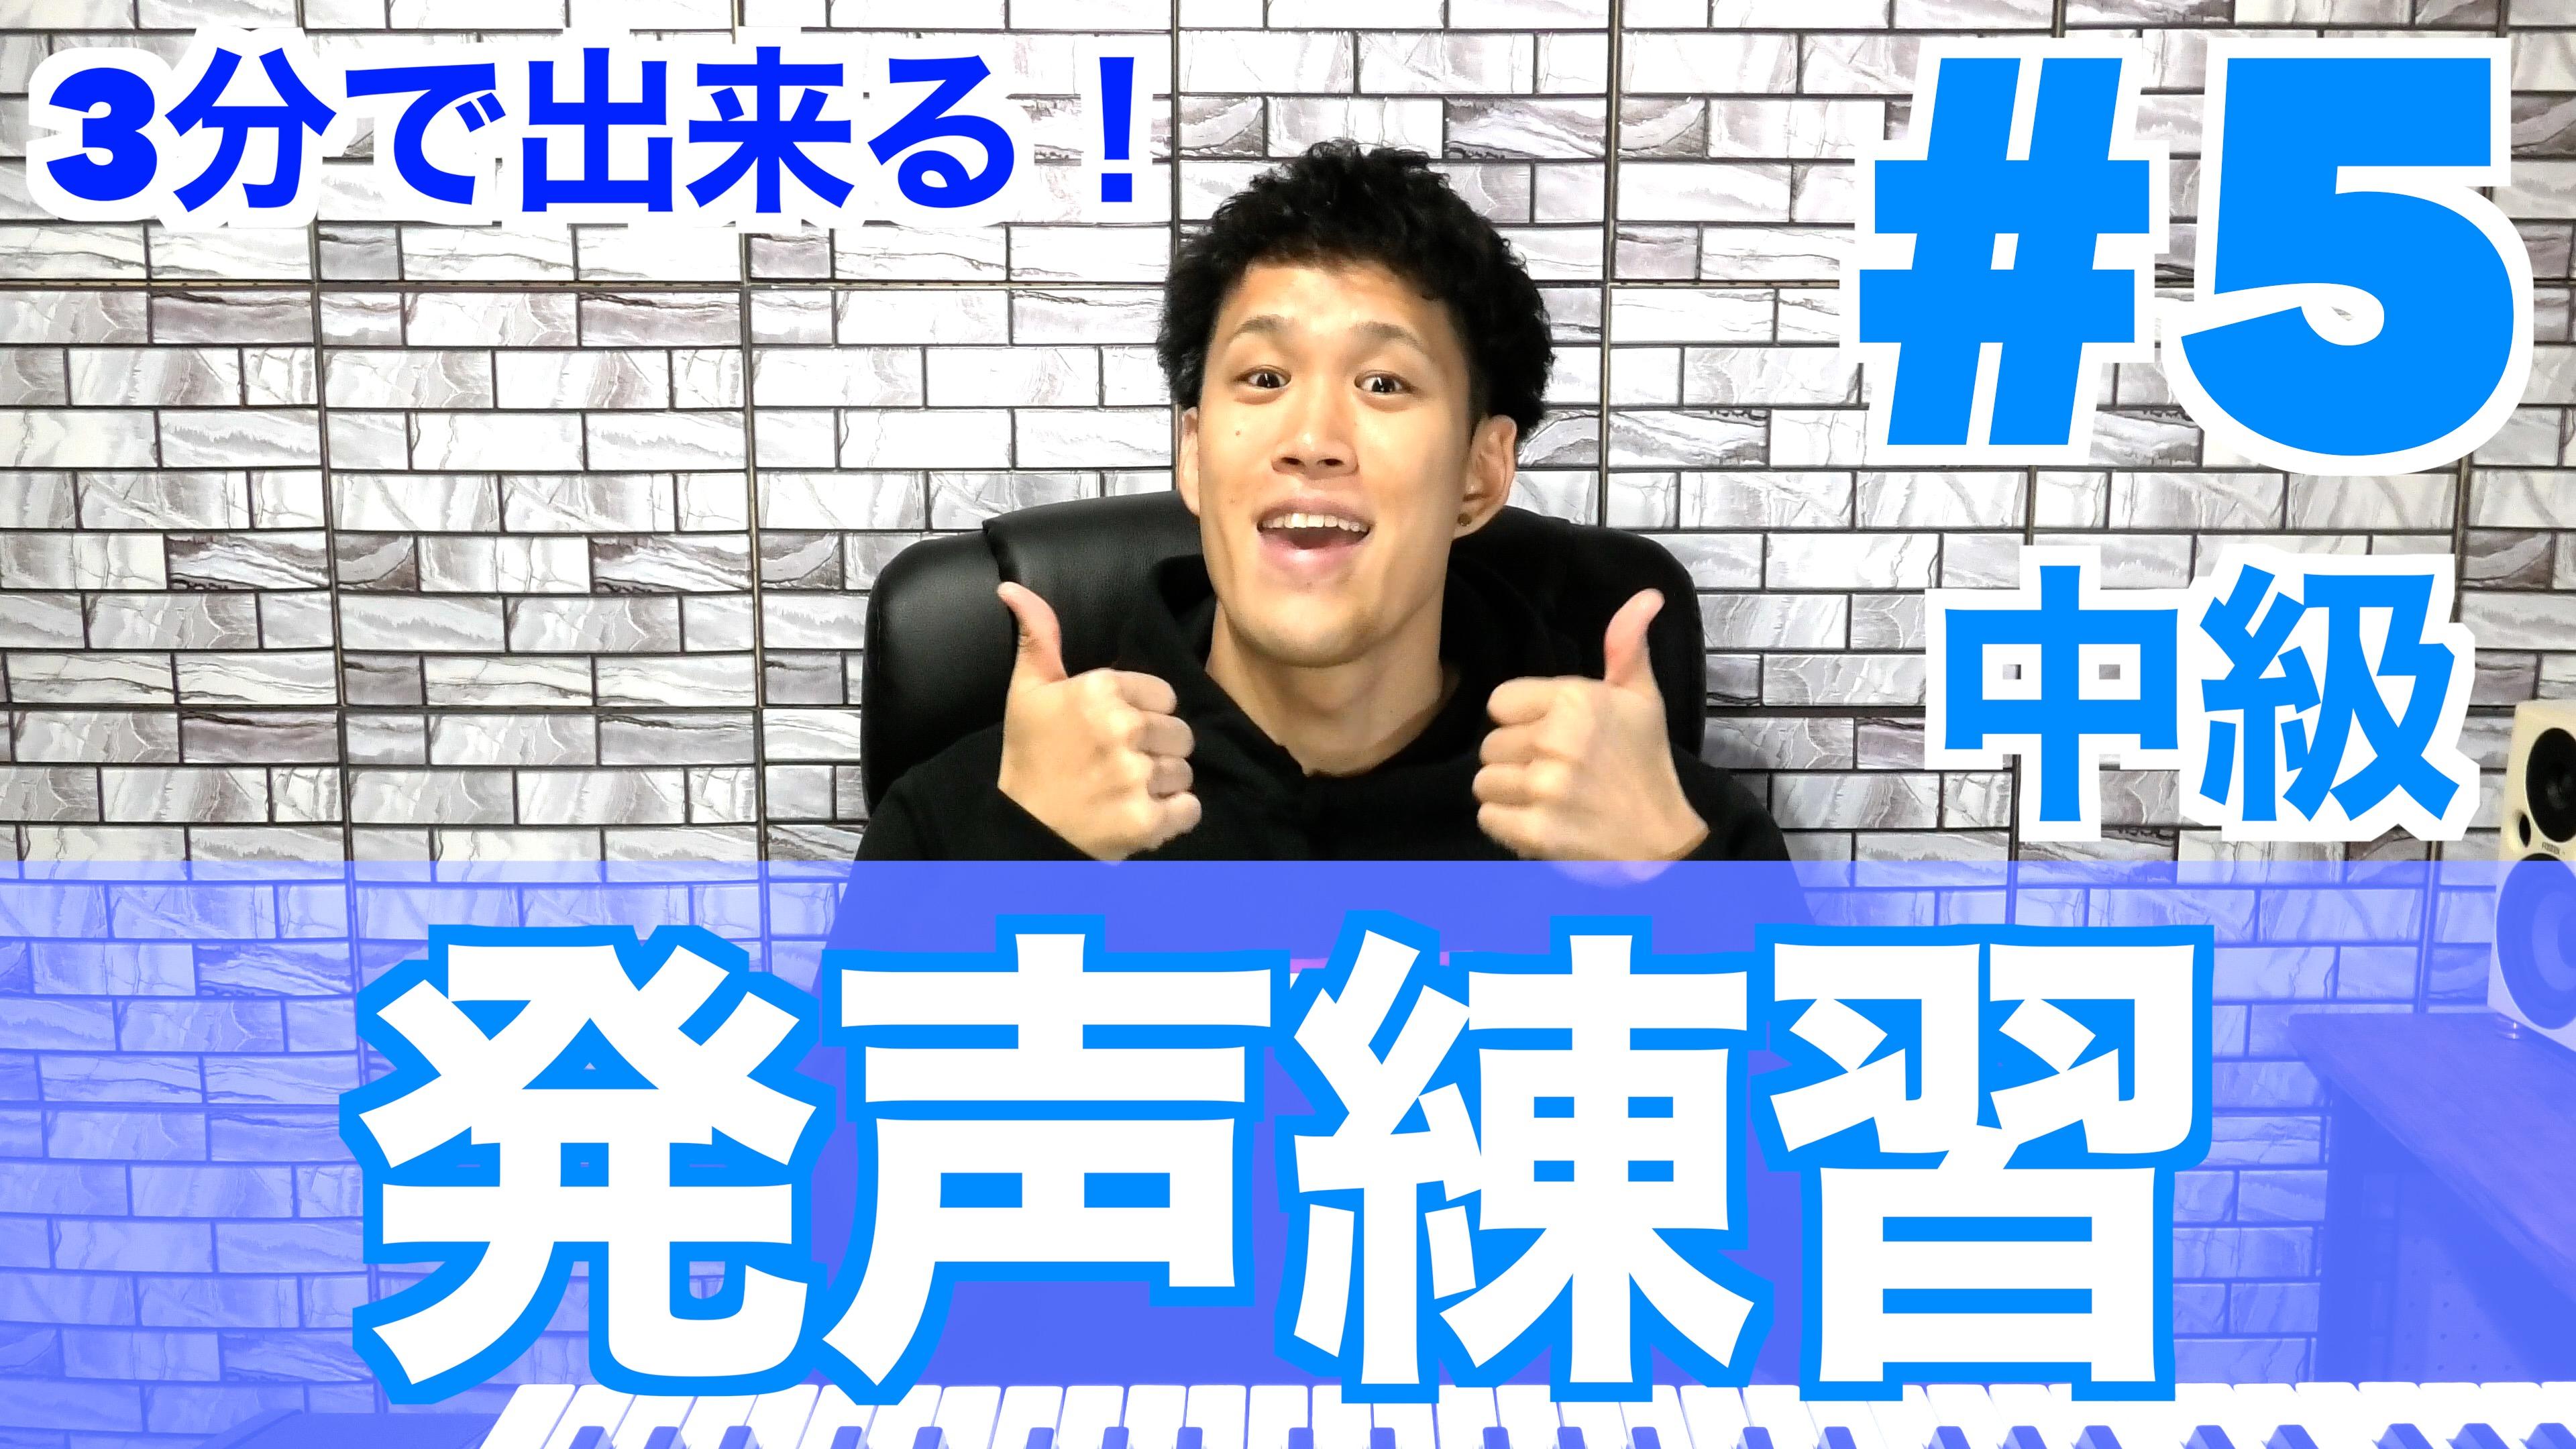 記事 【ボイトレ】男性用 #5 / 歌が上手くなる基礎の発声練習 【カラオケ上達】【ウォーミングアップ】のアイキャッチ画像